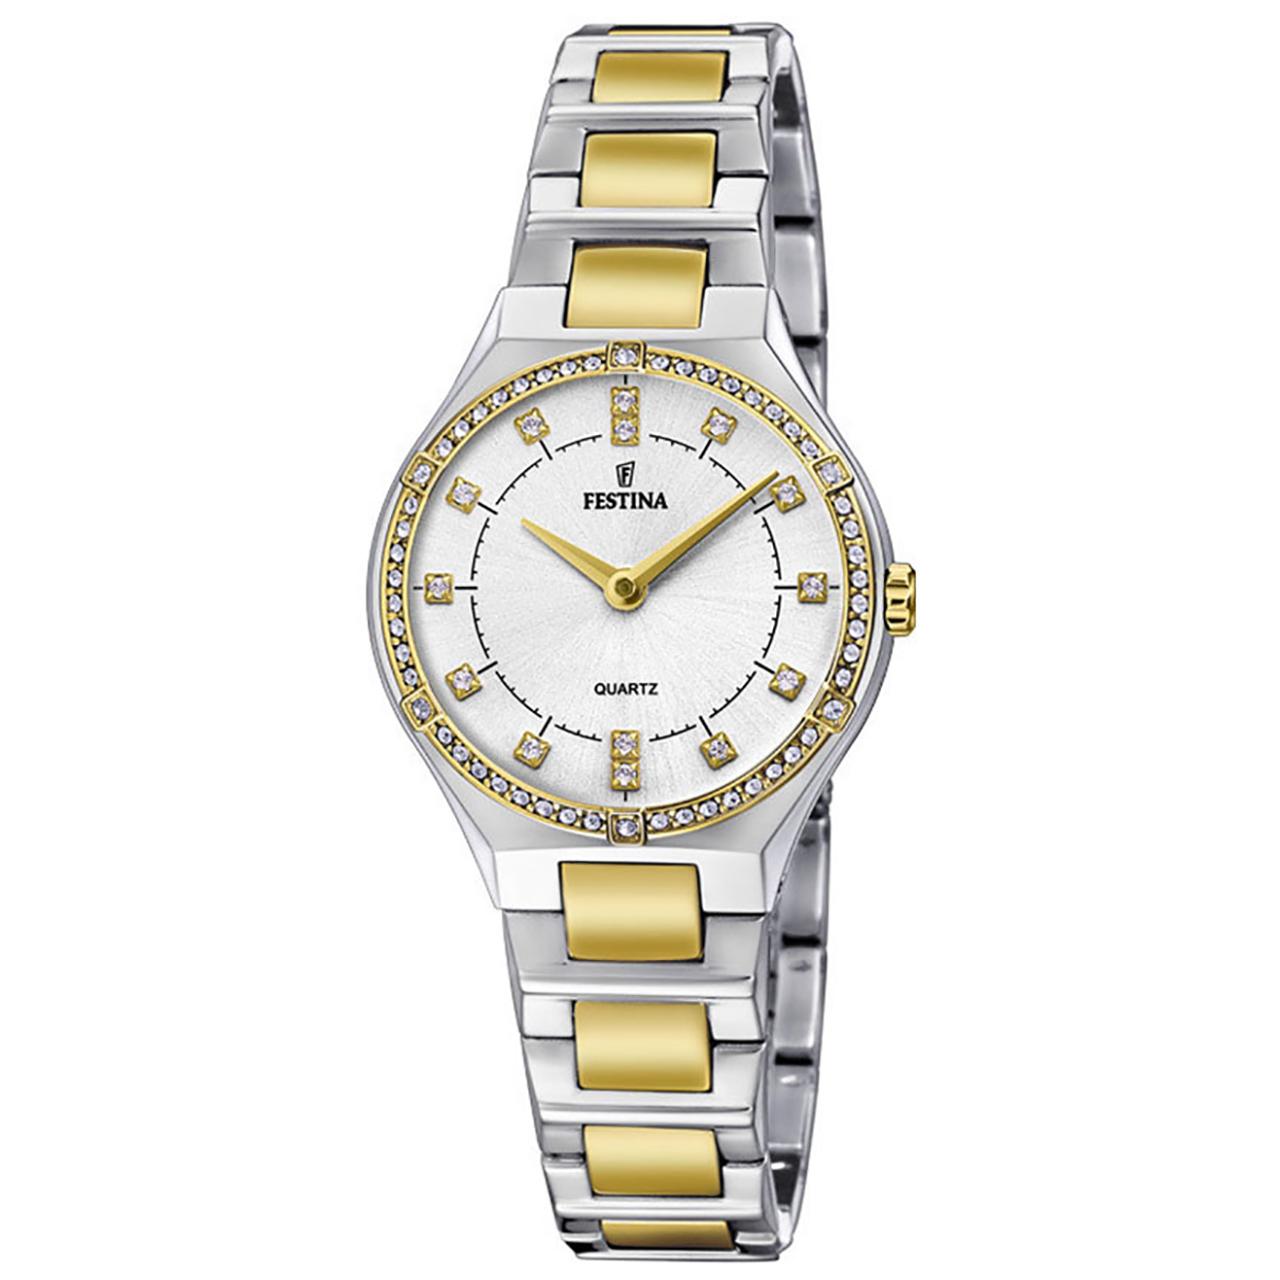 ساعت مچی عقربه ای زنانه فستینا مدل F20226/1 9